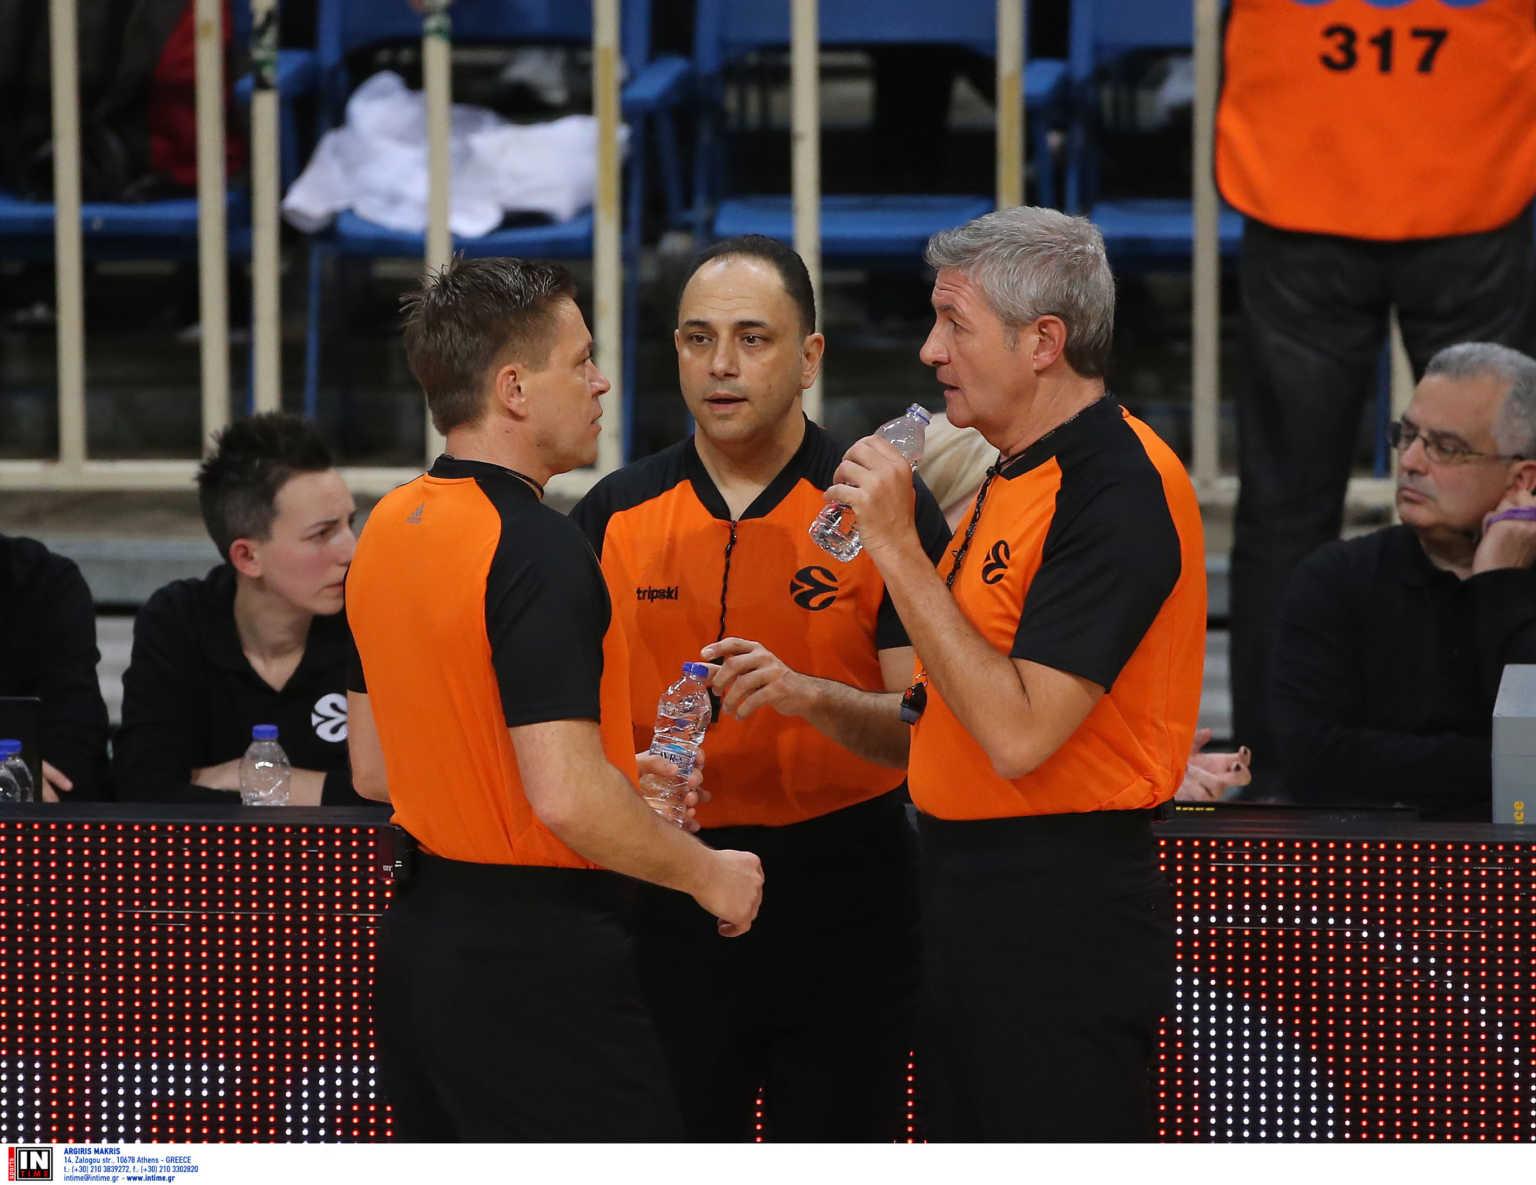 """Euroleague: """"Αν υπάρξει άλλη μία επίθεση δεν θα διεξαχθεί ξανά ματς στην Ελλάδα!"""""""